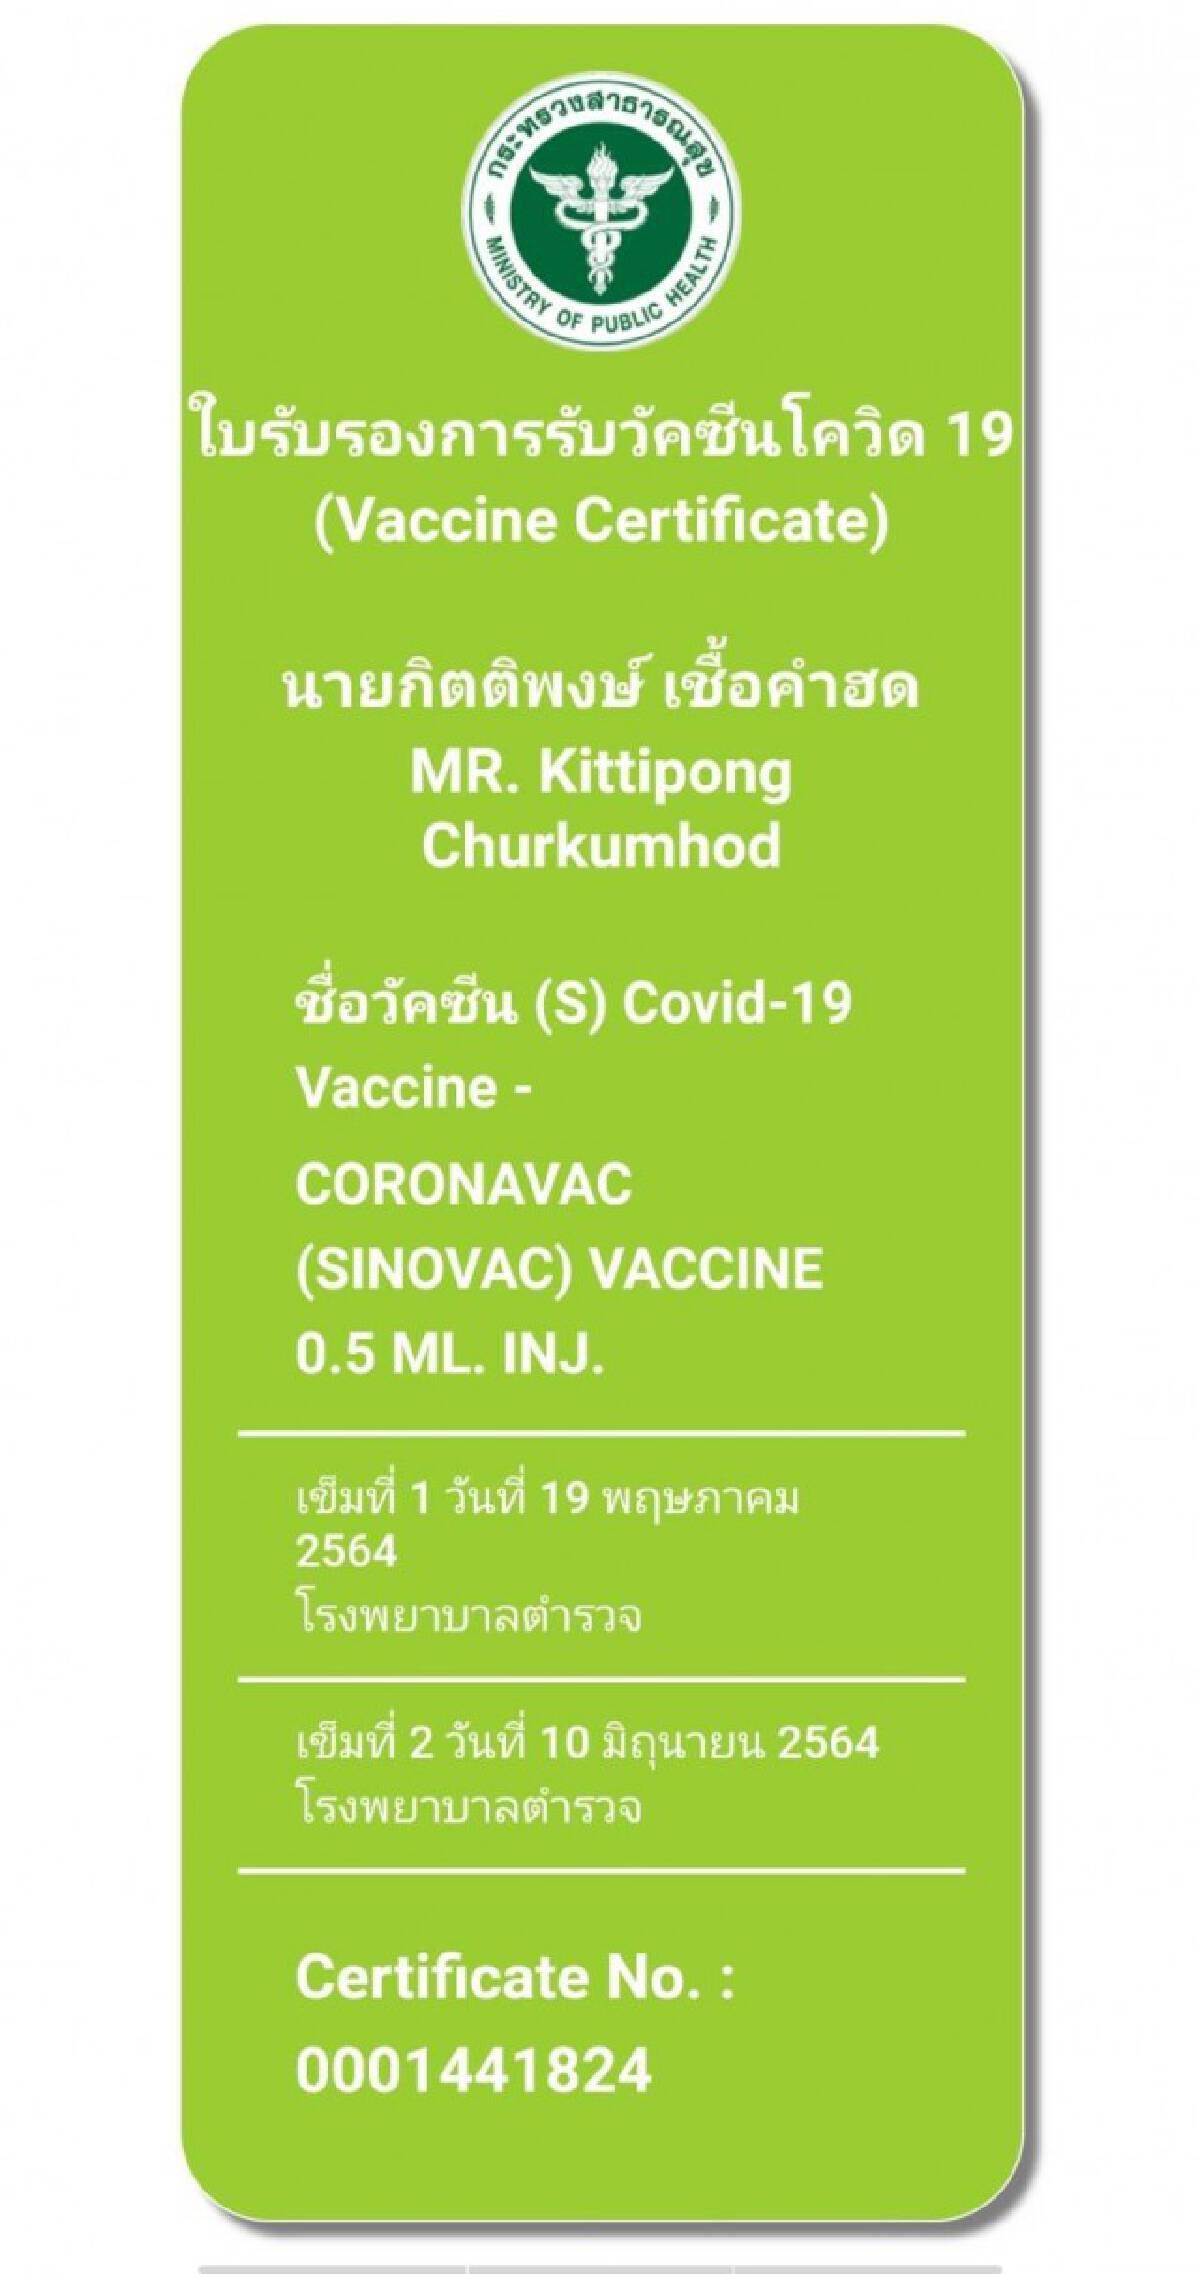 อาลัยผบ.หมู่ดับปริศนาญาติสงสัยจากฉีดวัคซีน